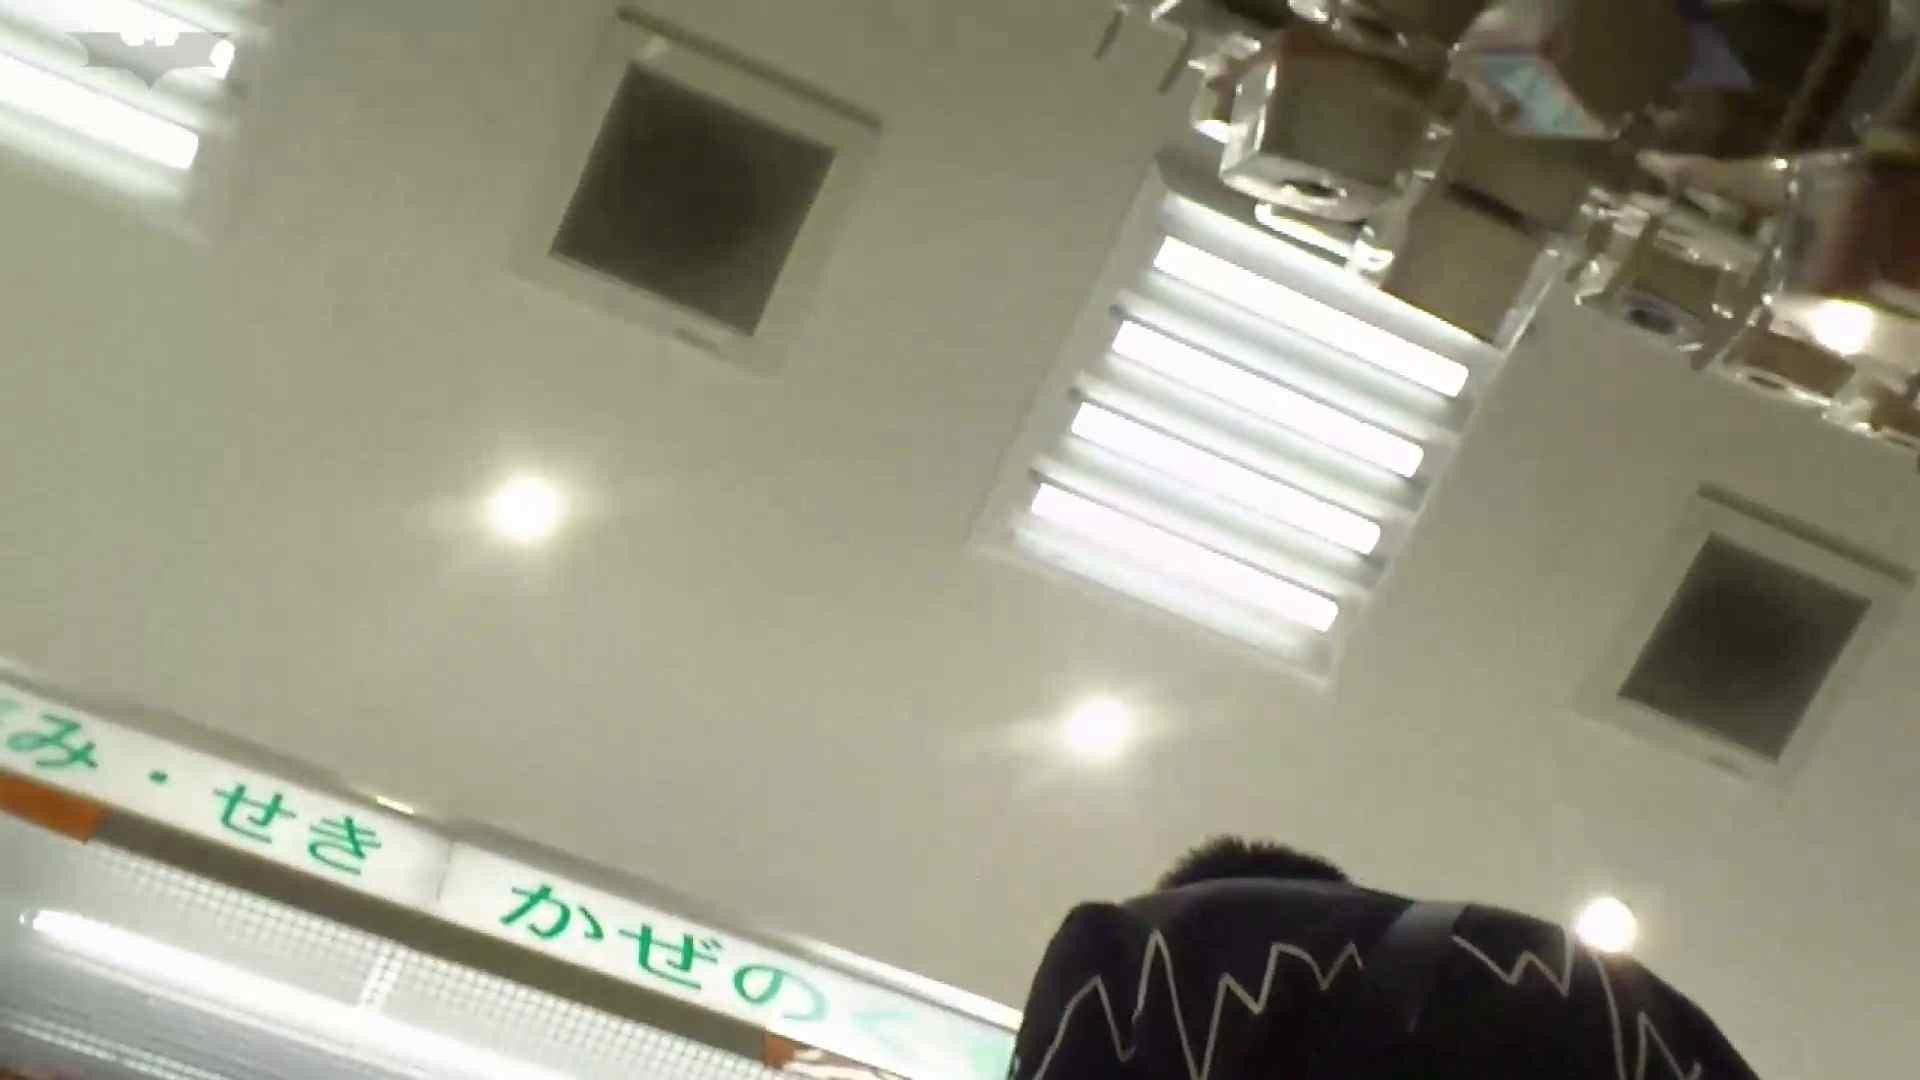 盗撮列車 Vol.52 破れたパンストの絶景 細身体型 おめこ無修正動画無料 97枚 11